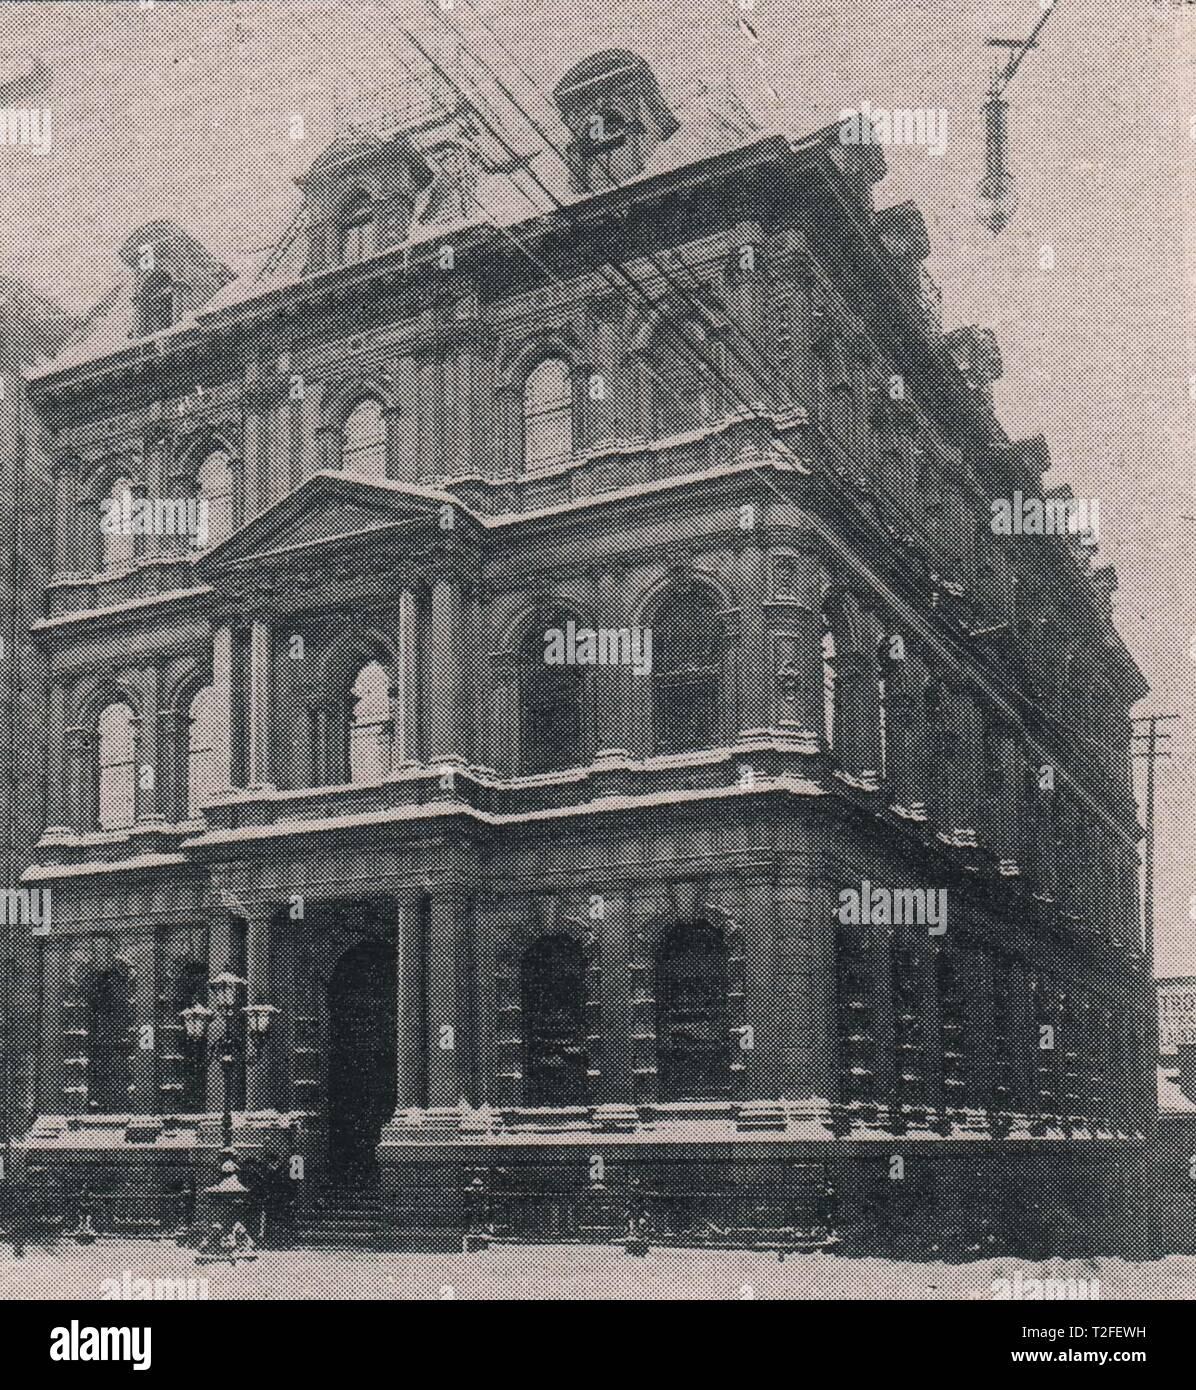 The Merchants Bank of Canada - Stock Image